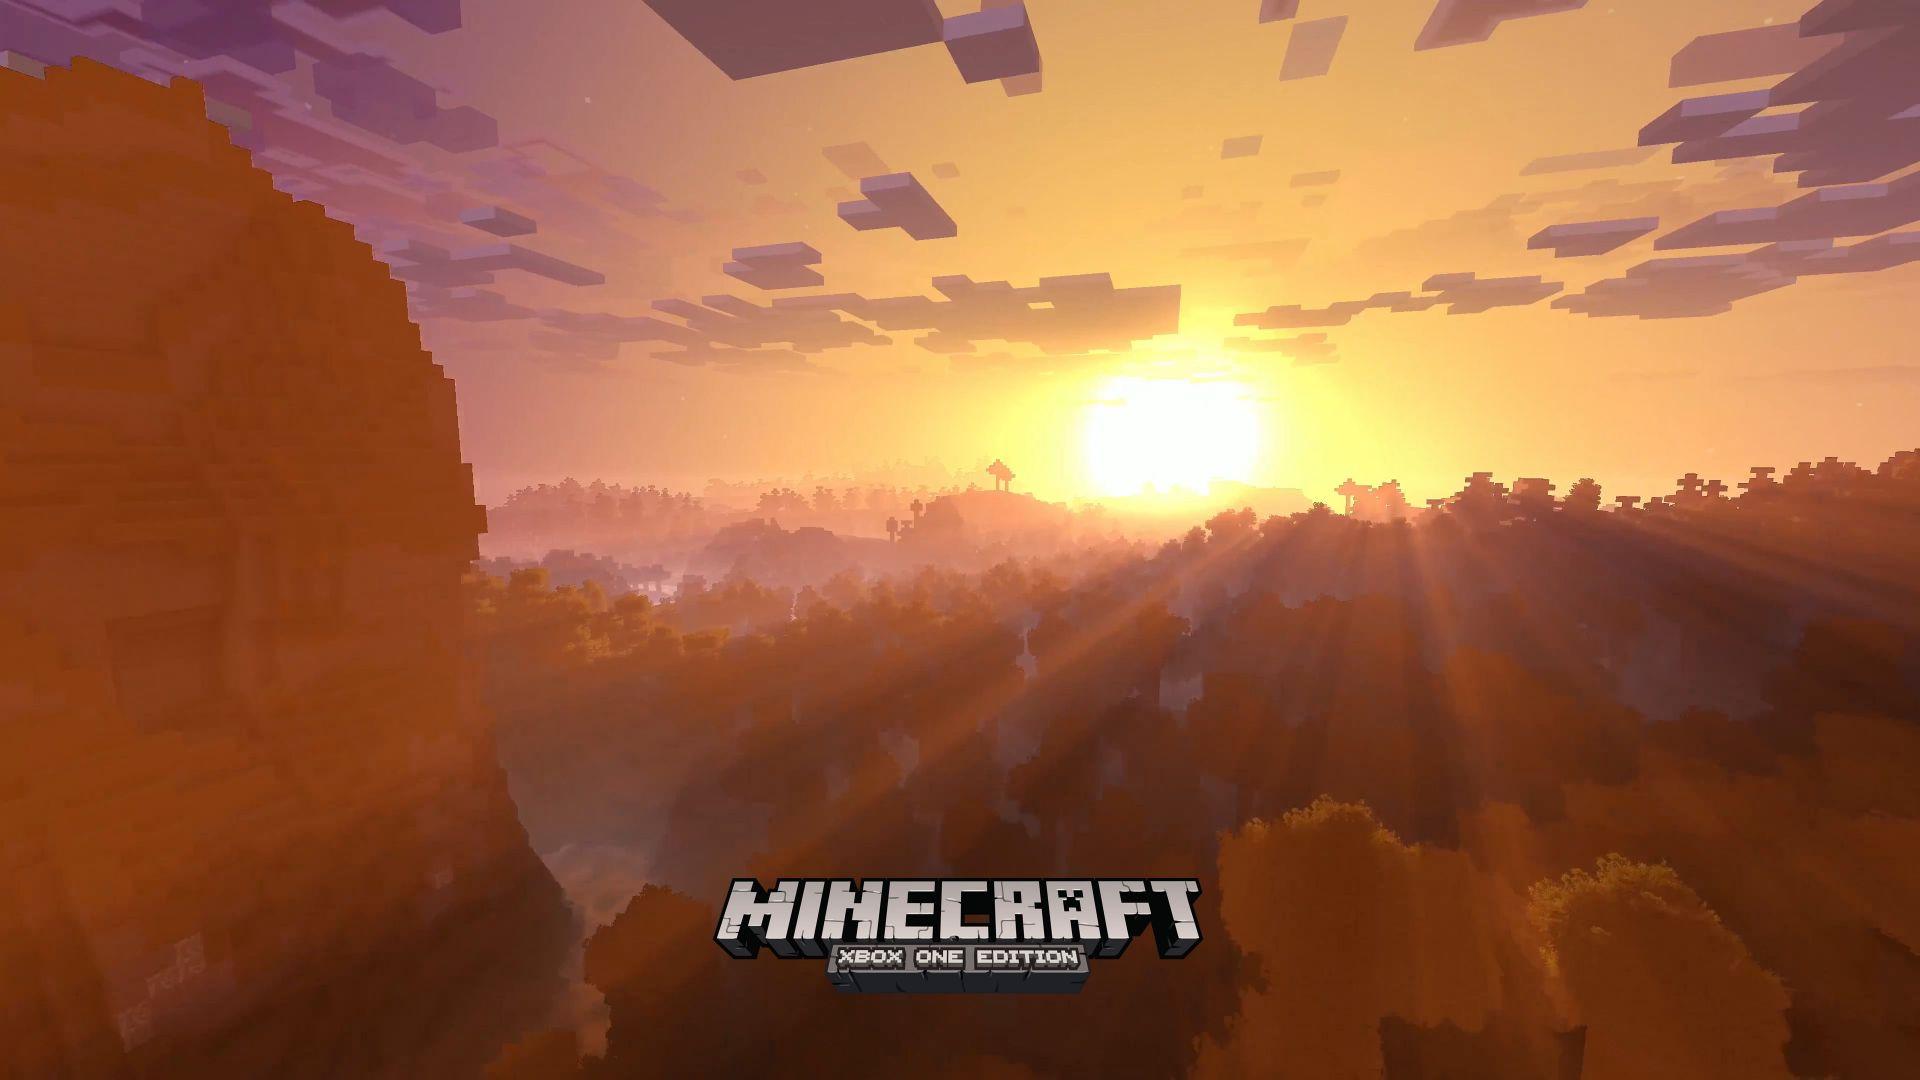 Wallpaper Minecraft 4k edition, E3 2017, xBox One X ...